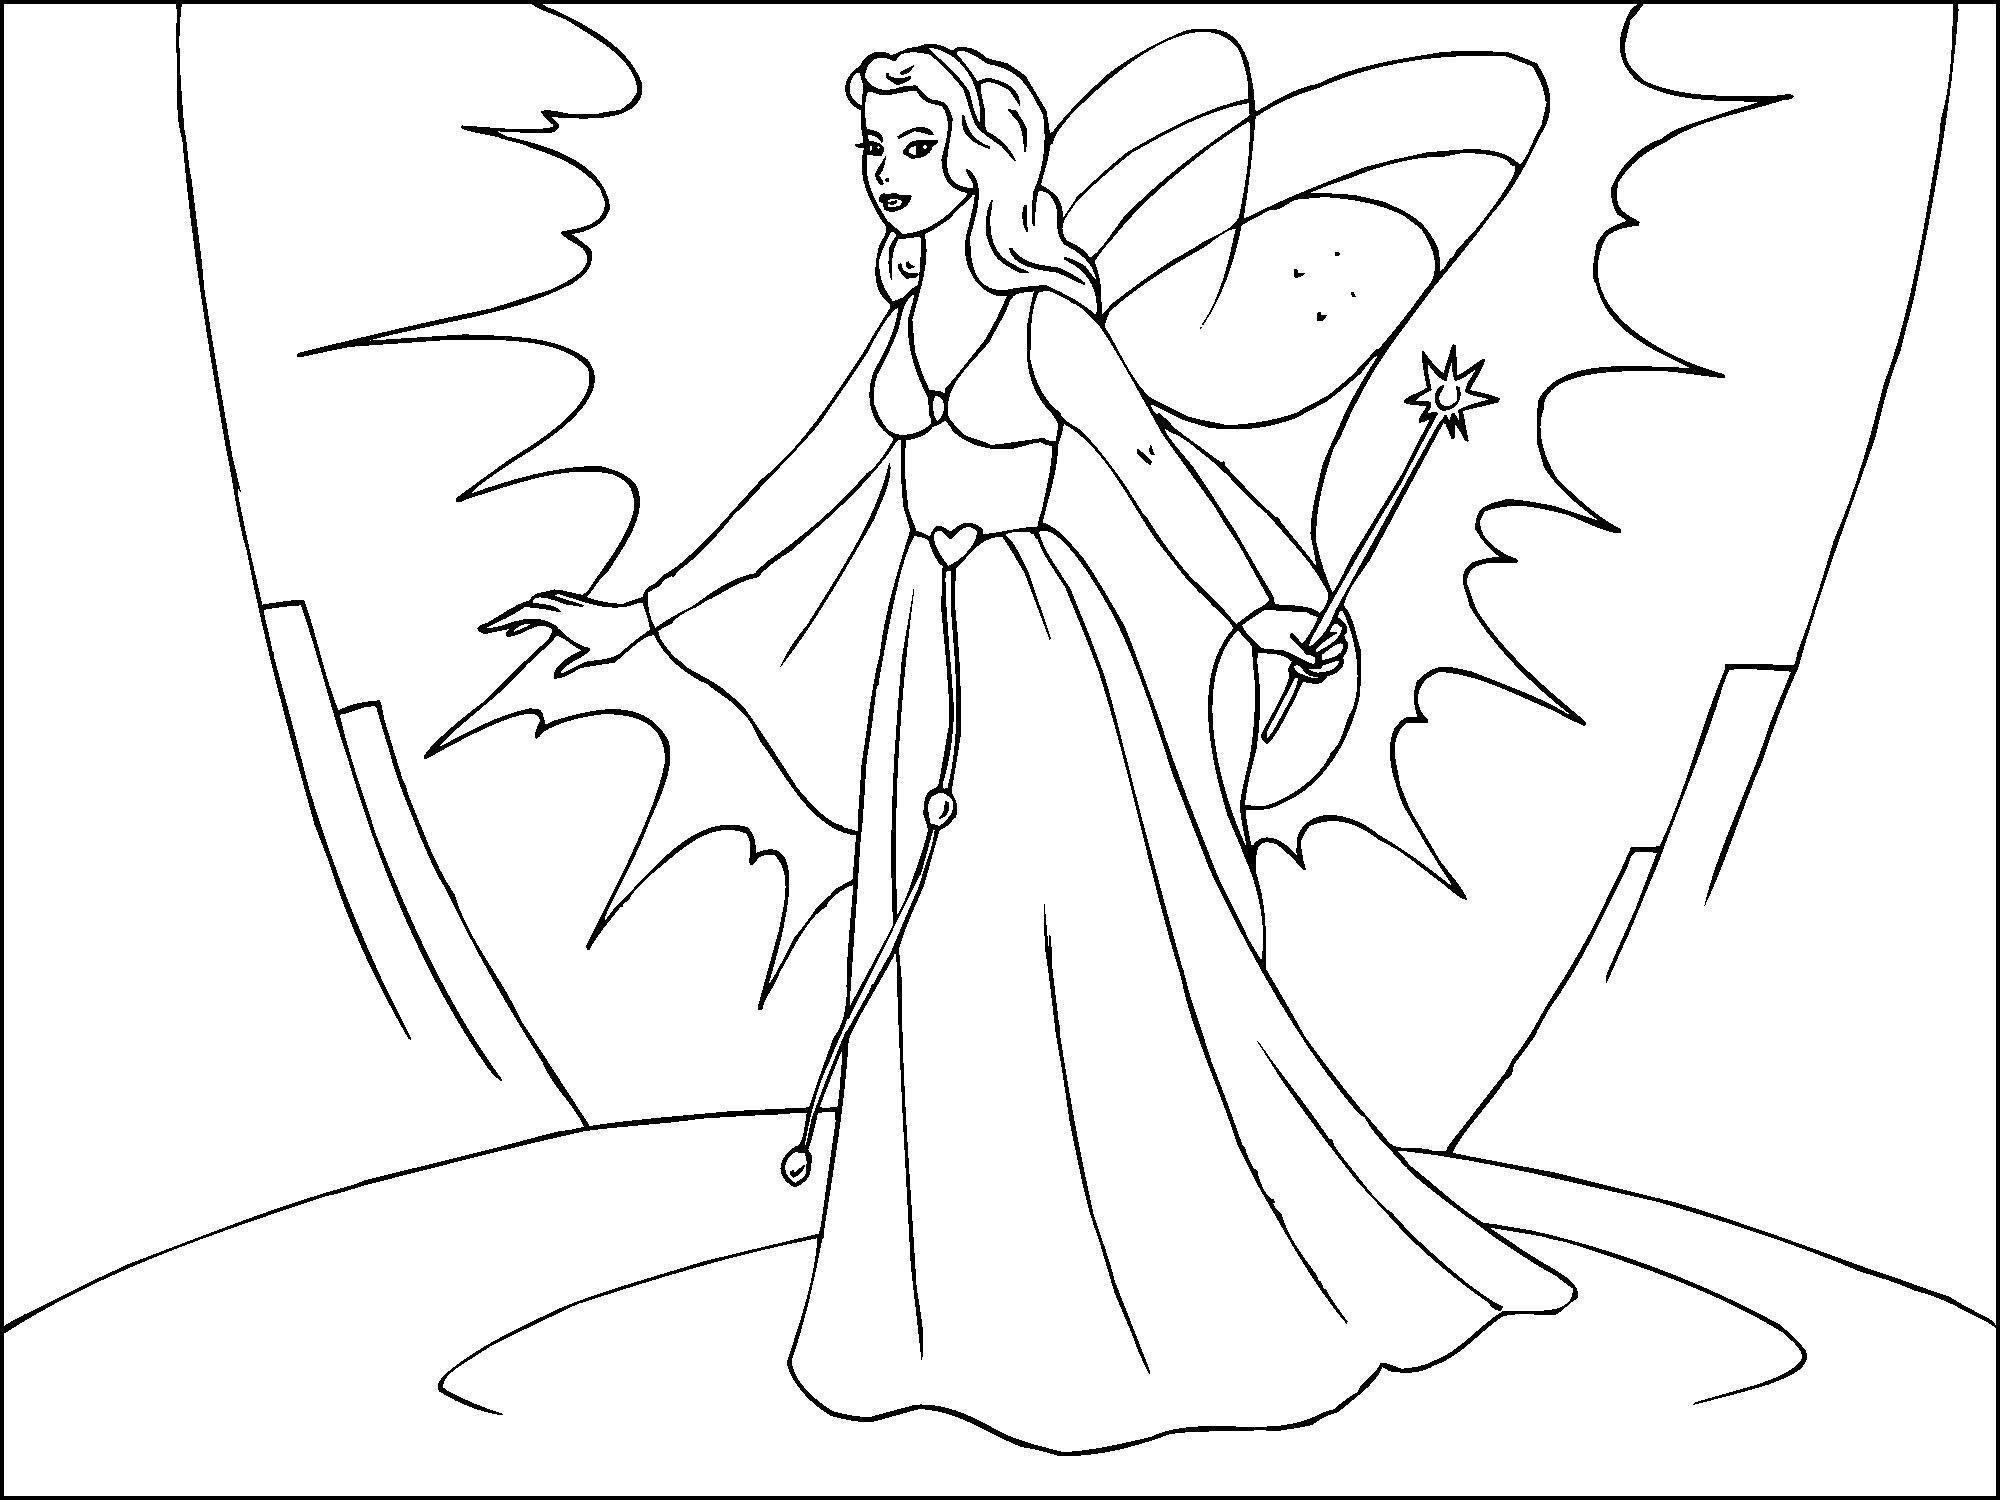 Dibujo para colorear hada mágica - Img 22818